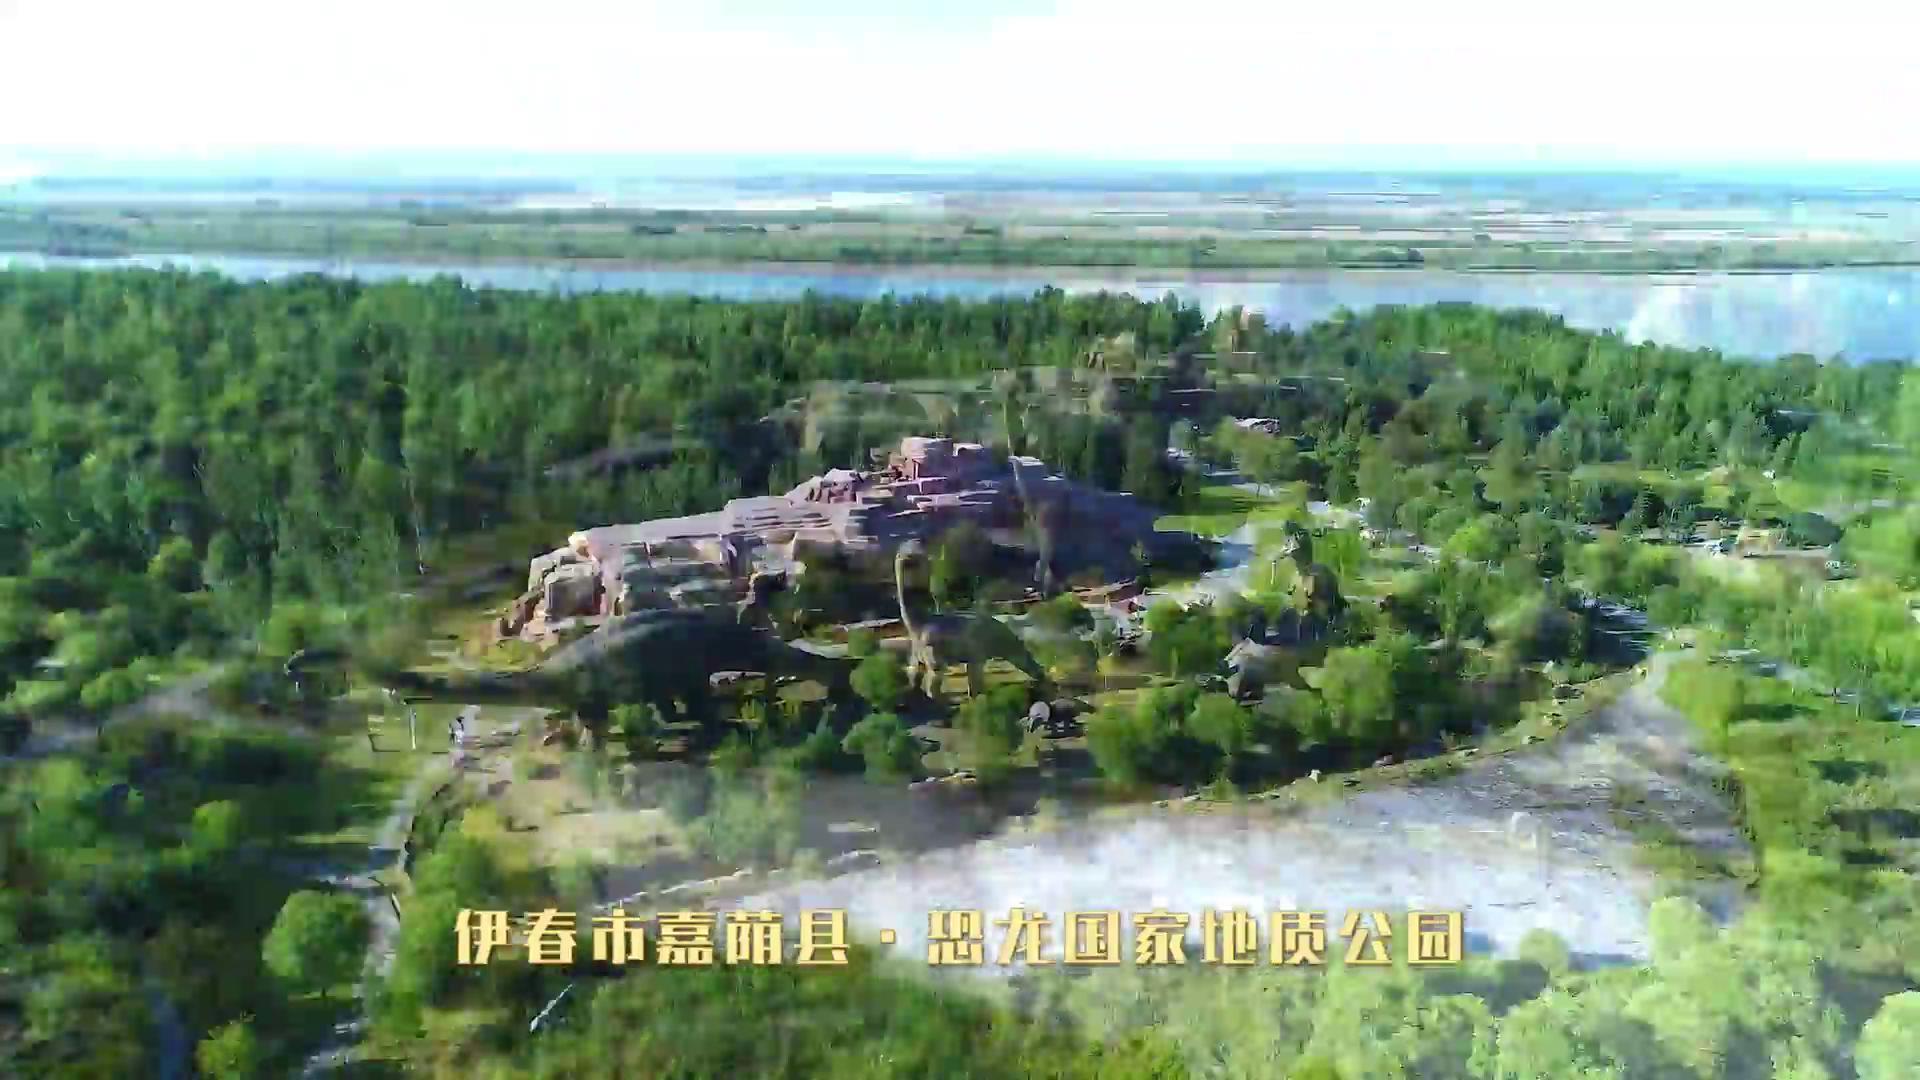 《生态中国·十期十美》黑龙江篇·叠翠兴安筑屏障